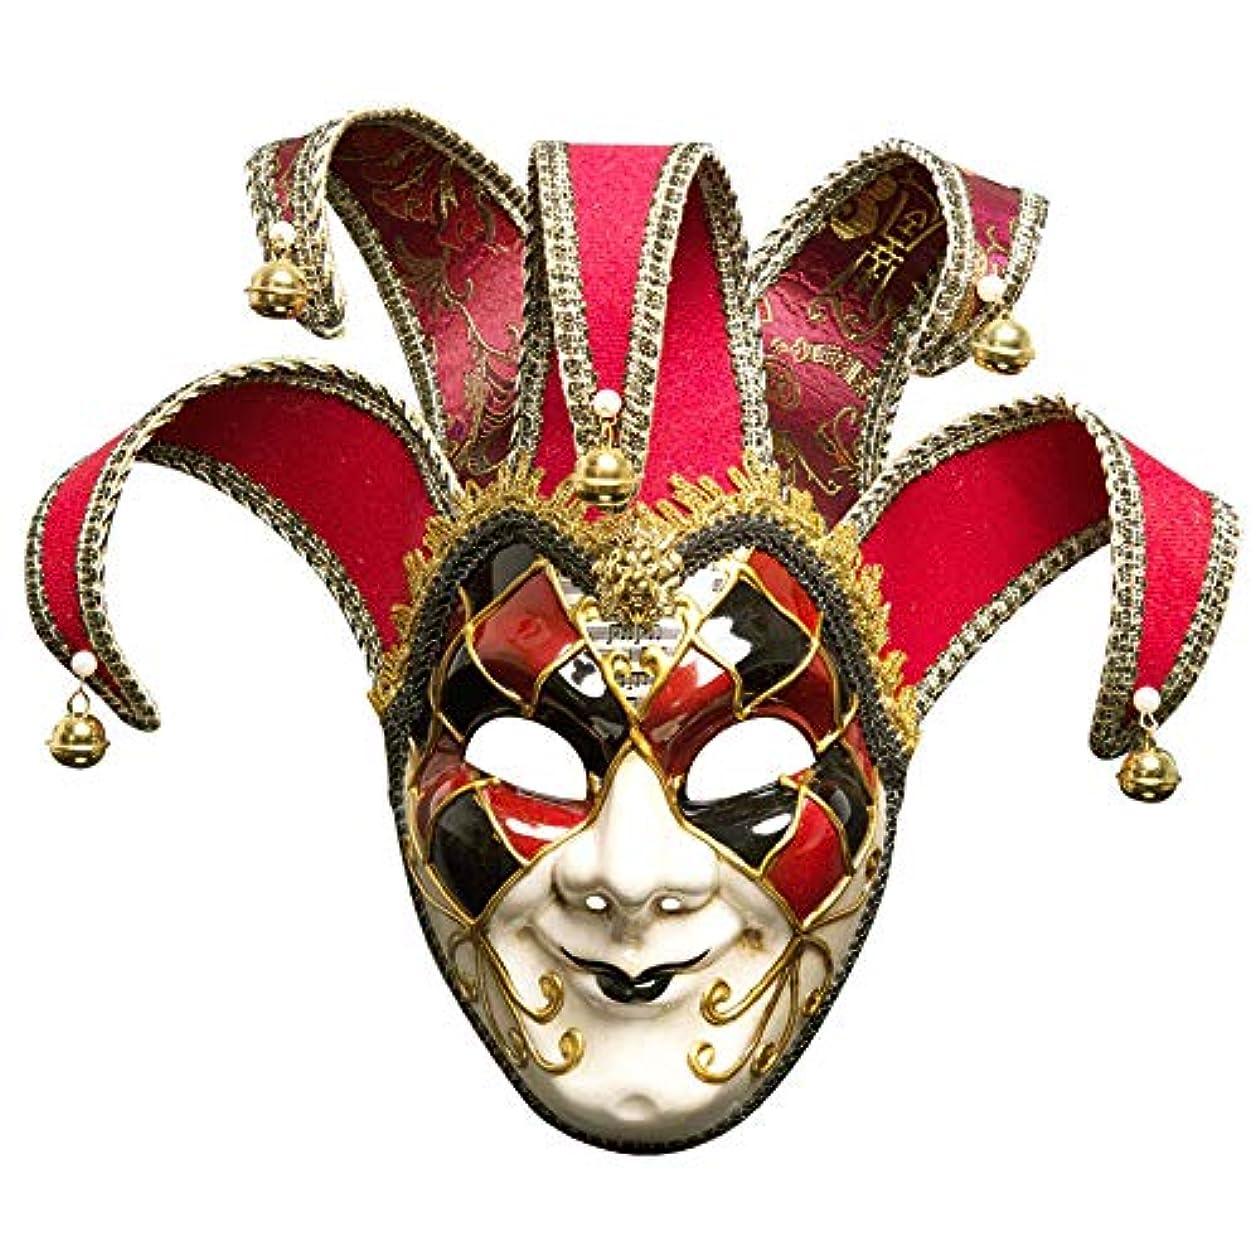 マークされたサスティーンパーティークリスマスのマスクヴィンテージベネチア仮面舞踏会のマスクマルディグラコスチュームアイ?マルディグラコスチュームパーティー17X44cmマスク,赤